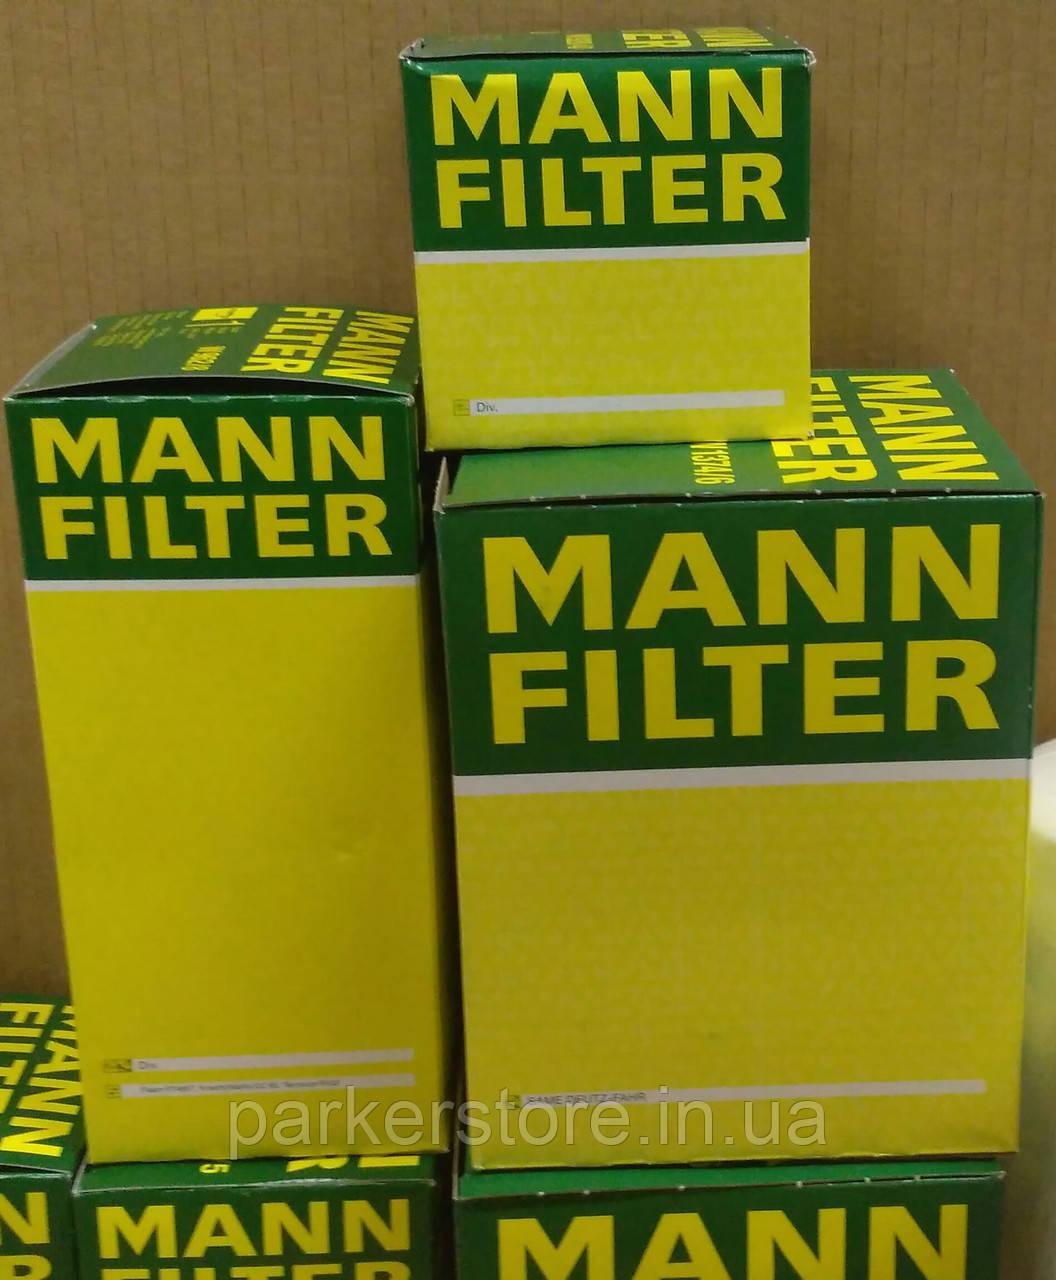 MANN FILTER / Повітряний фільтр / C 30 198 / C30198